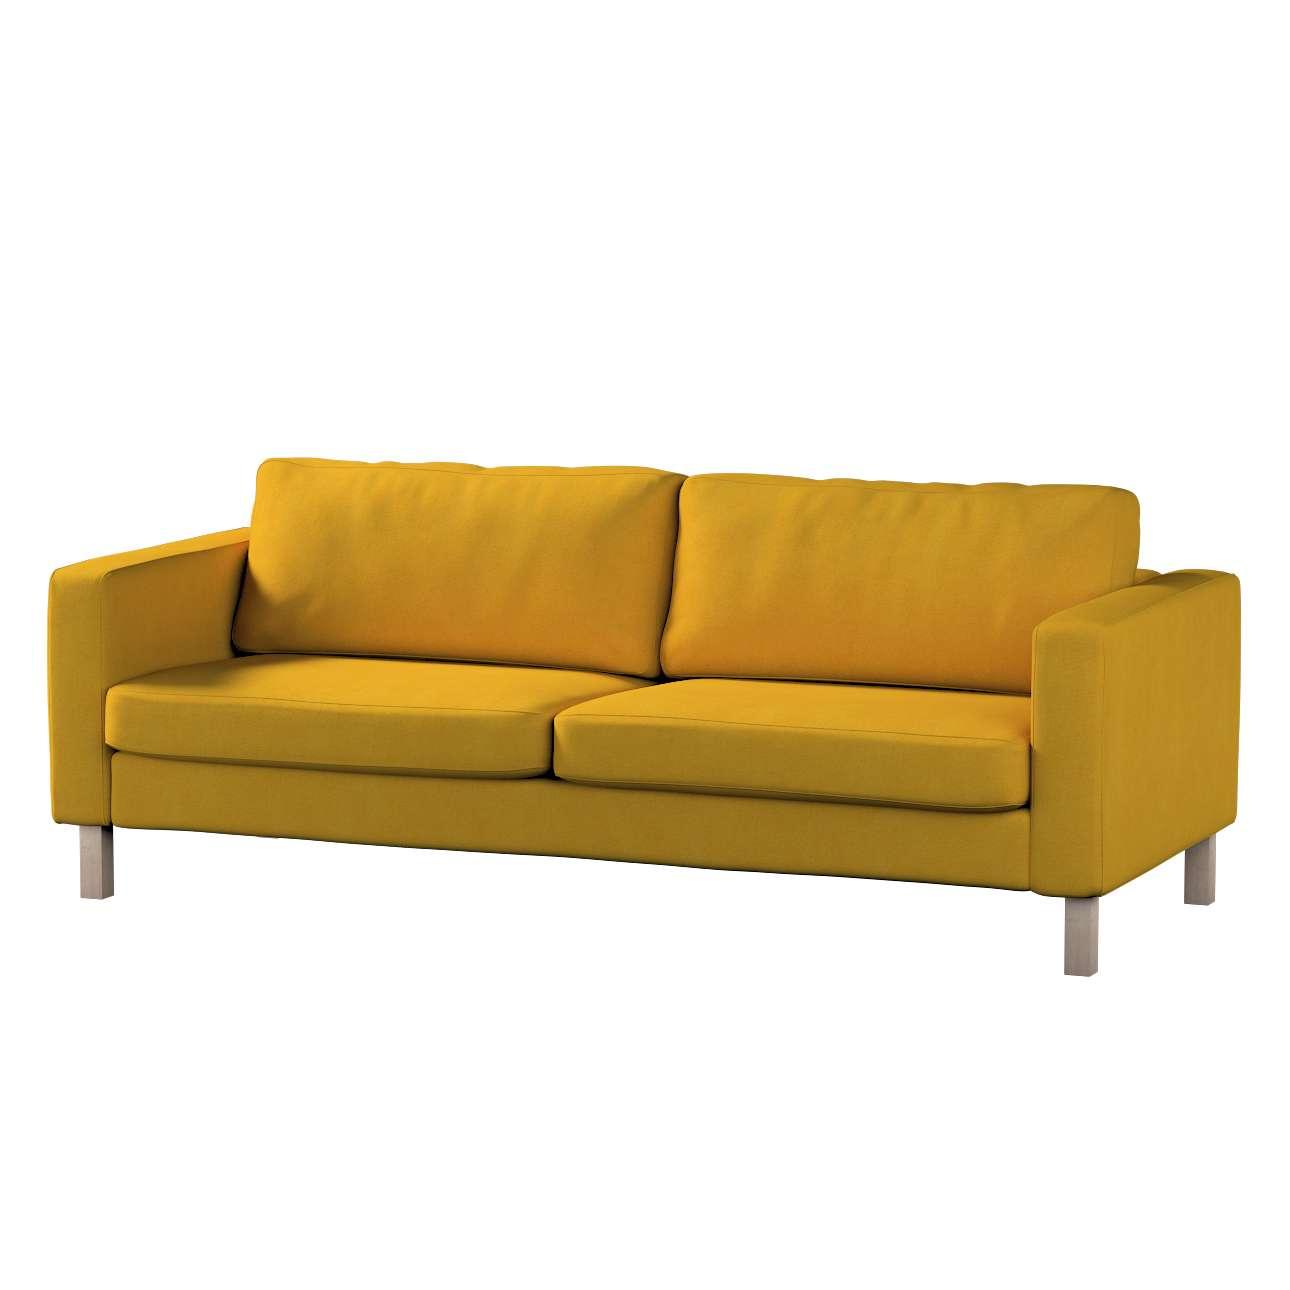 Pokrowiec na sofę Karlstad rozkładaną w kolekcji Etna, tkanina: 705-04